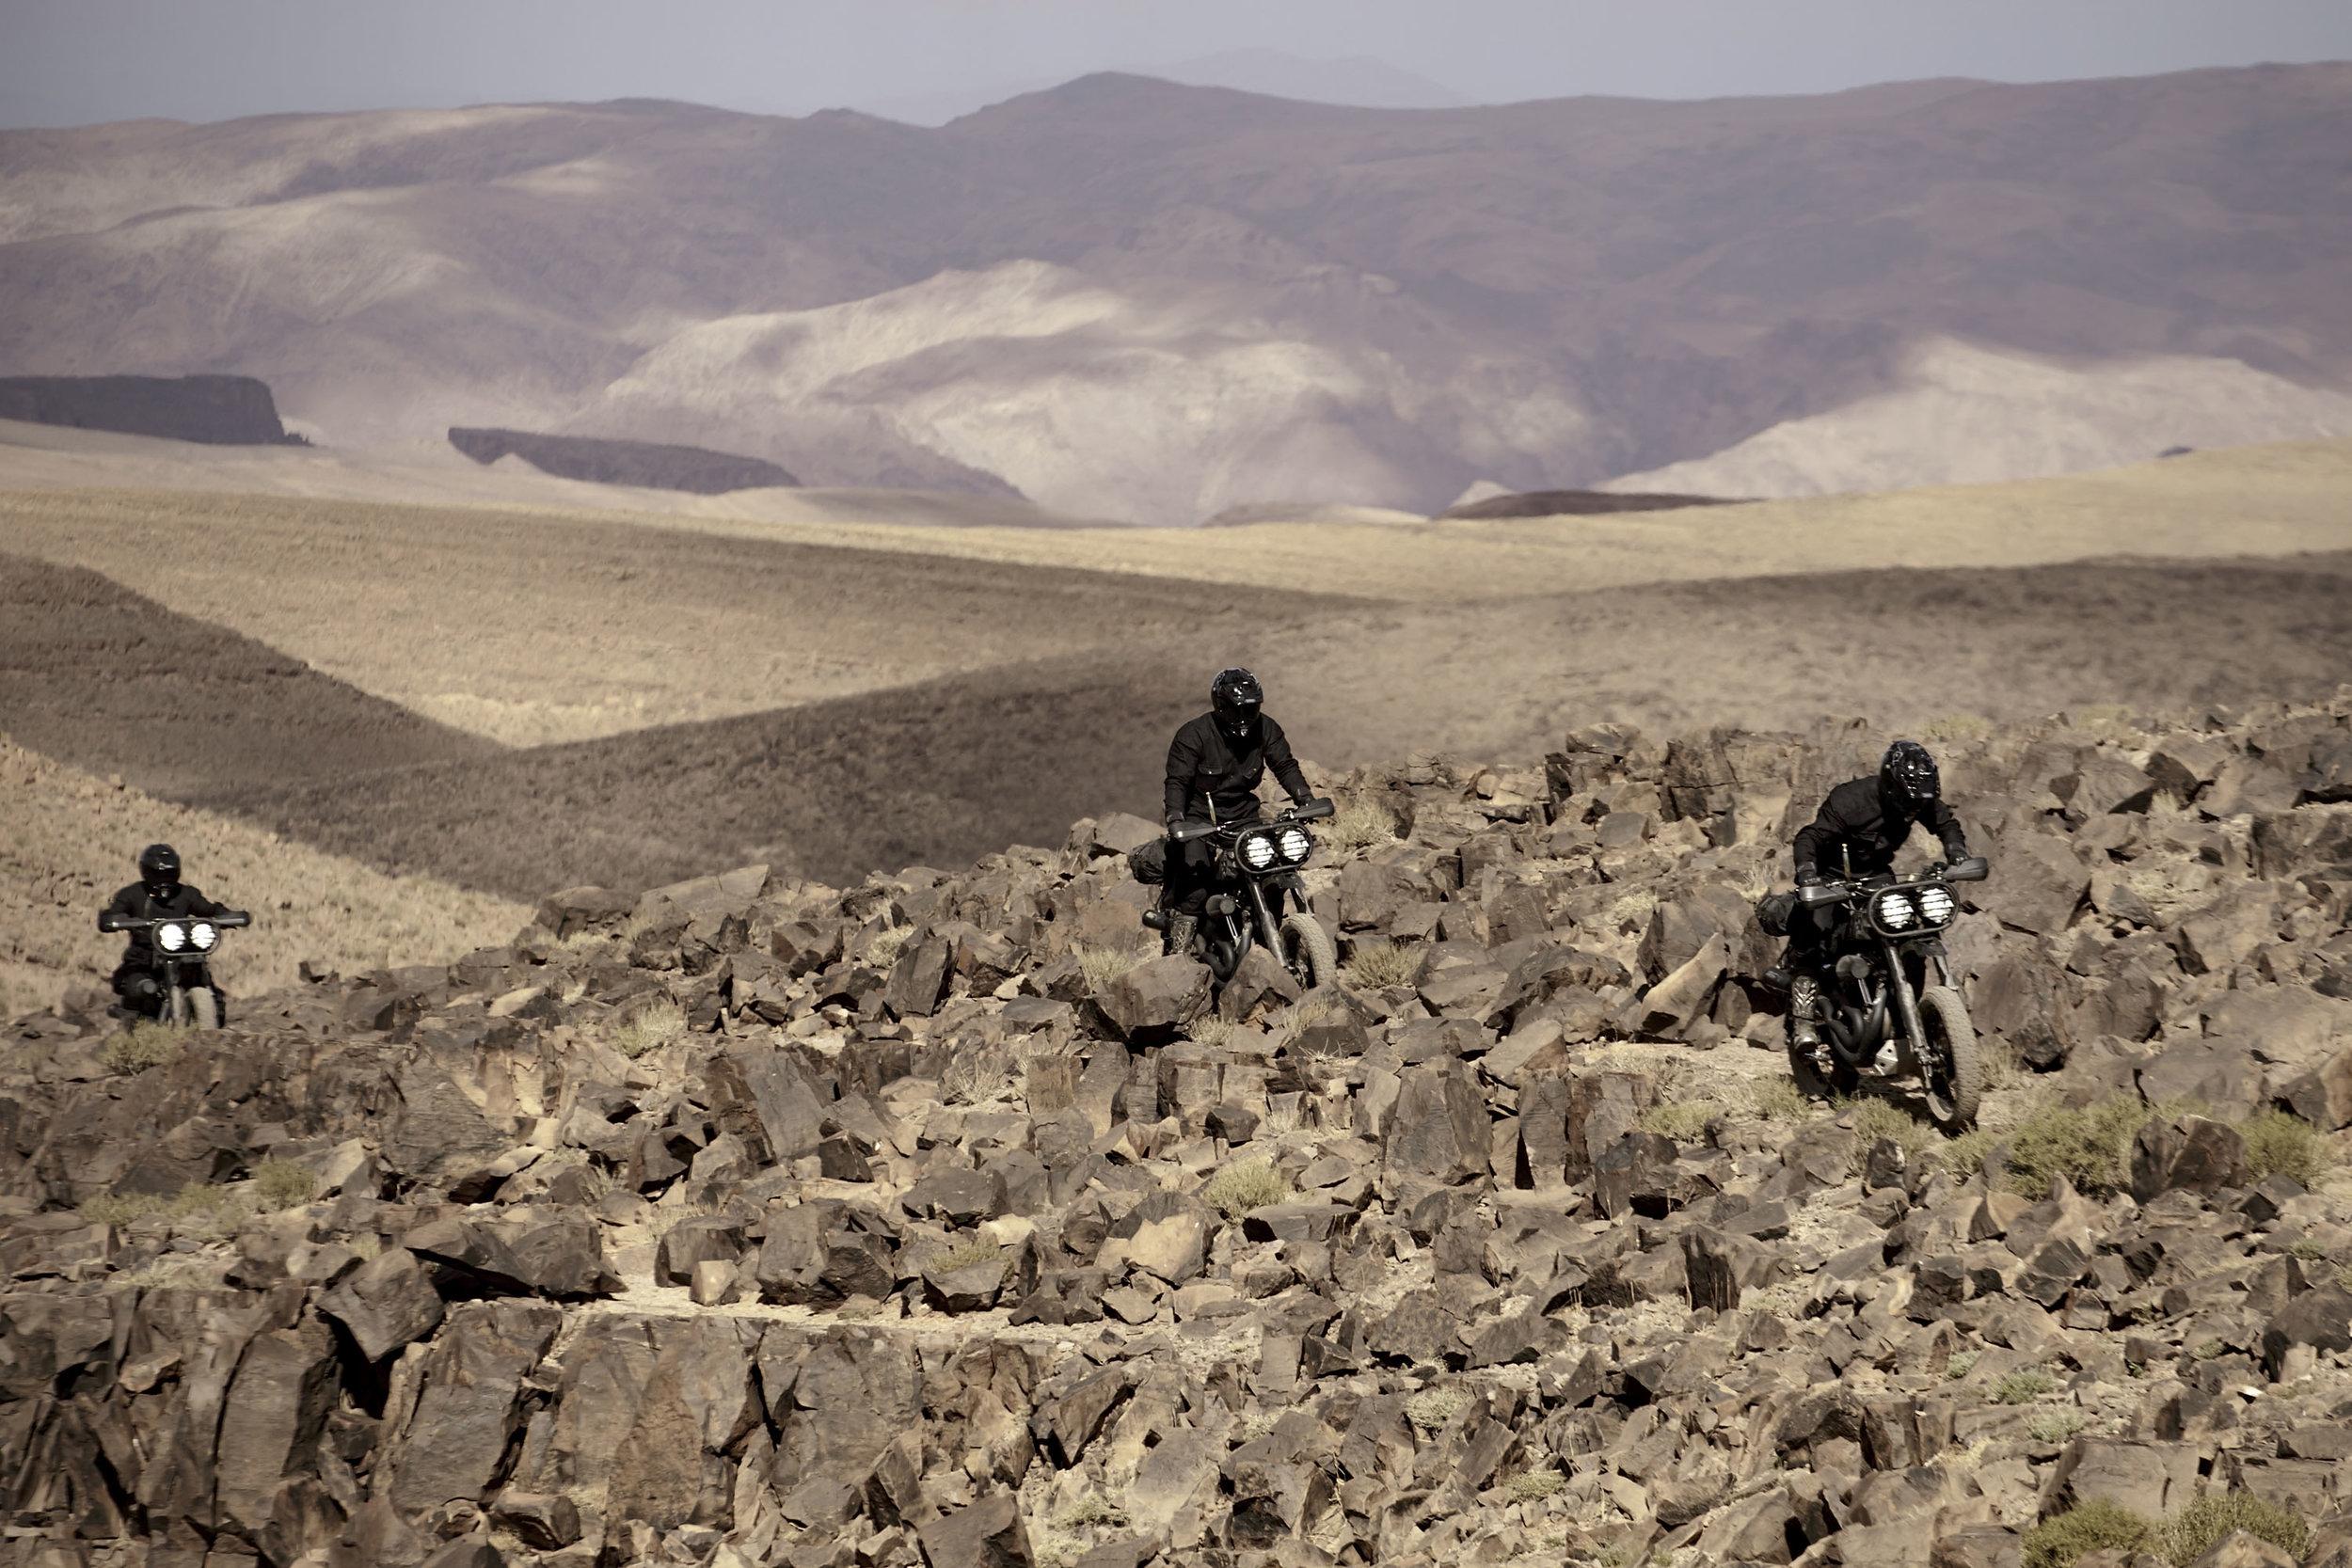 elsolitario-desert-wolves-HD-44.jpg